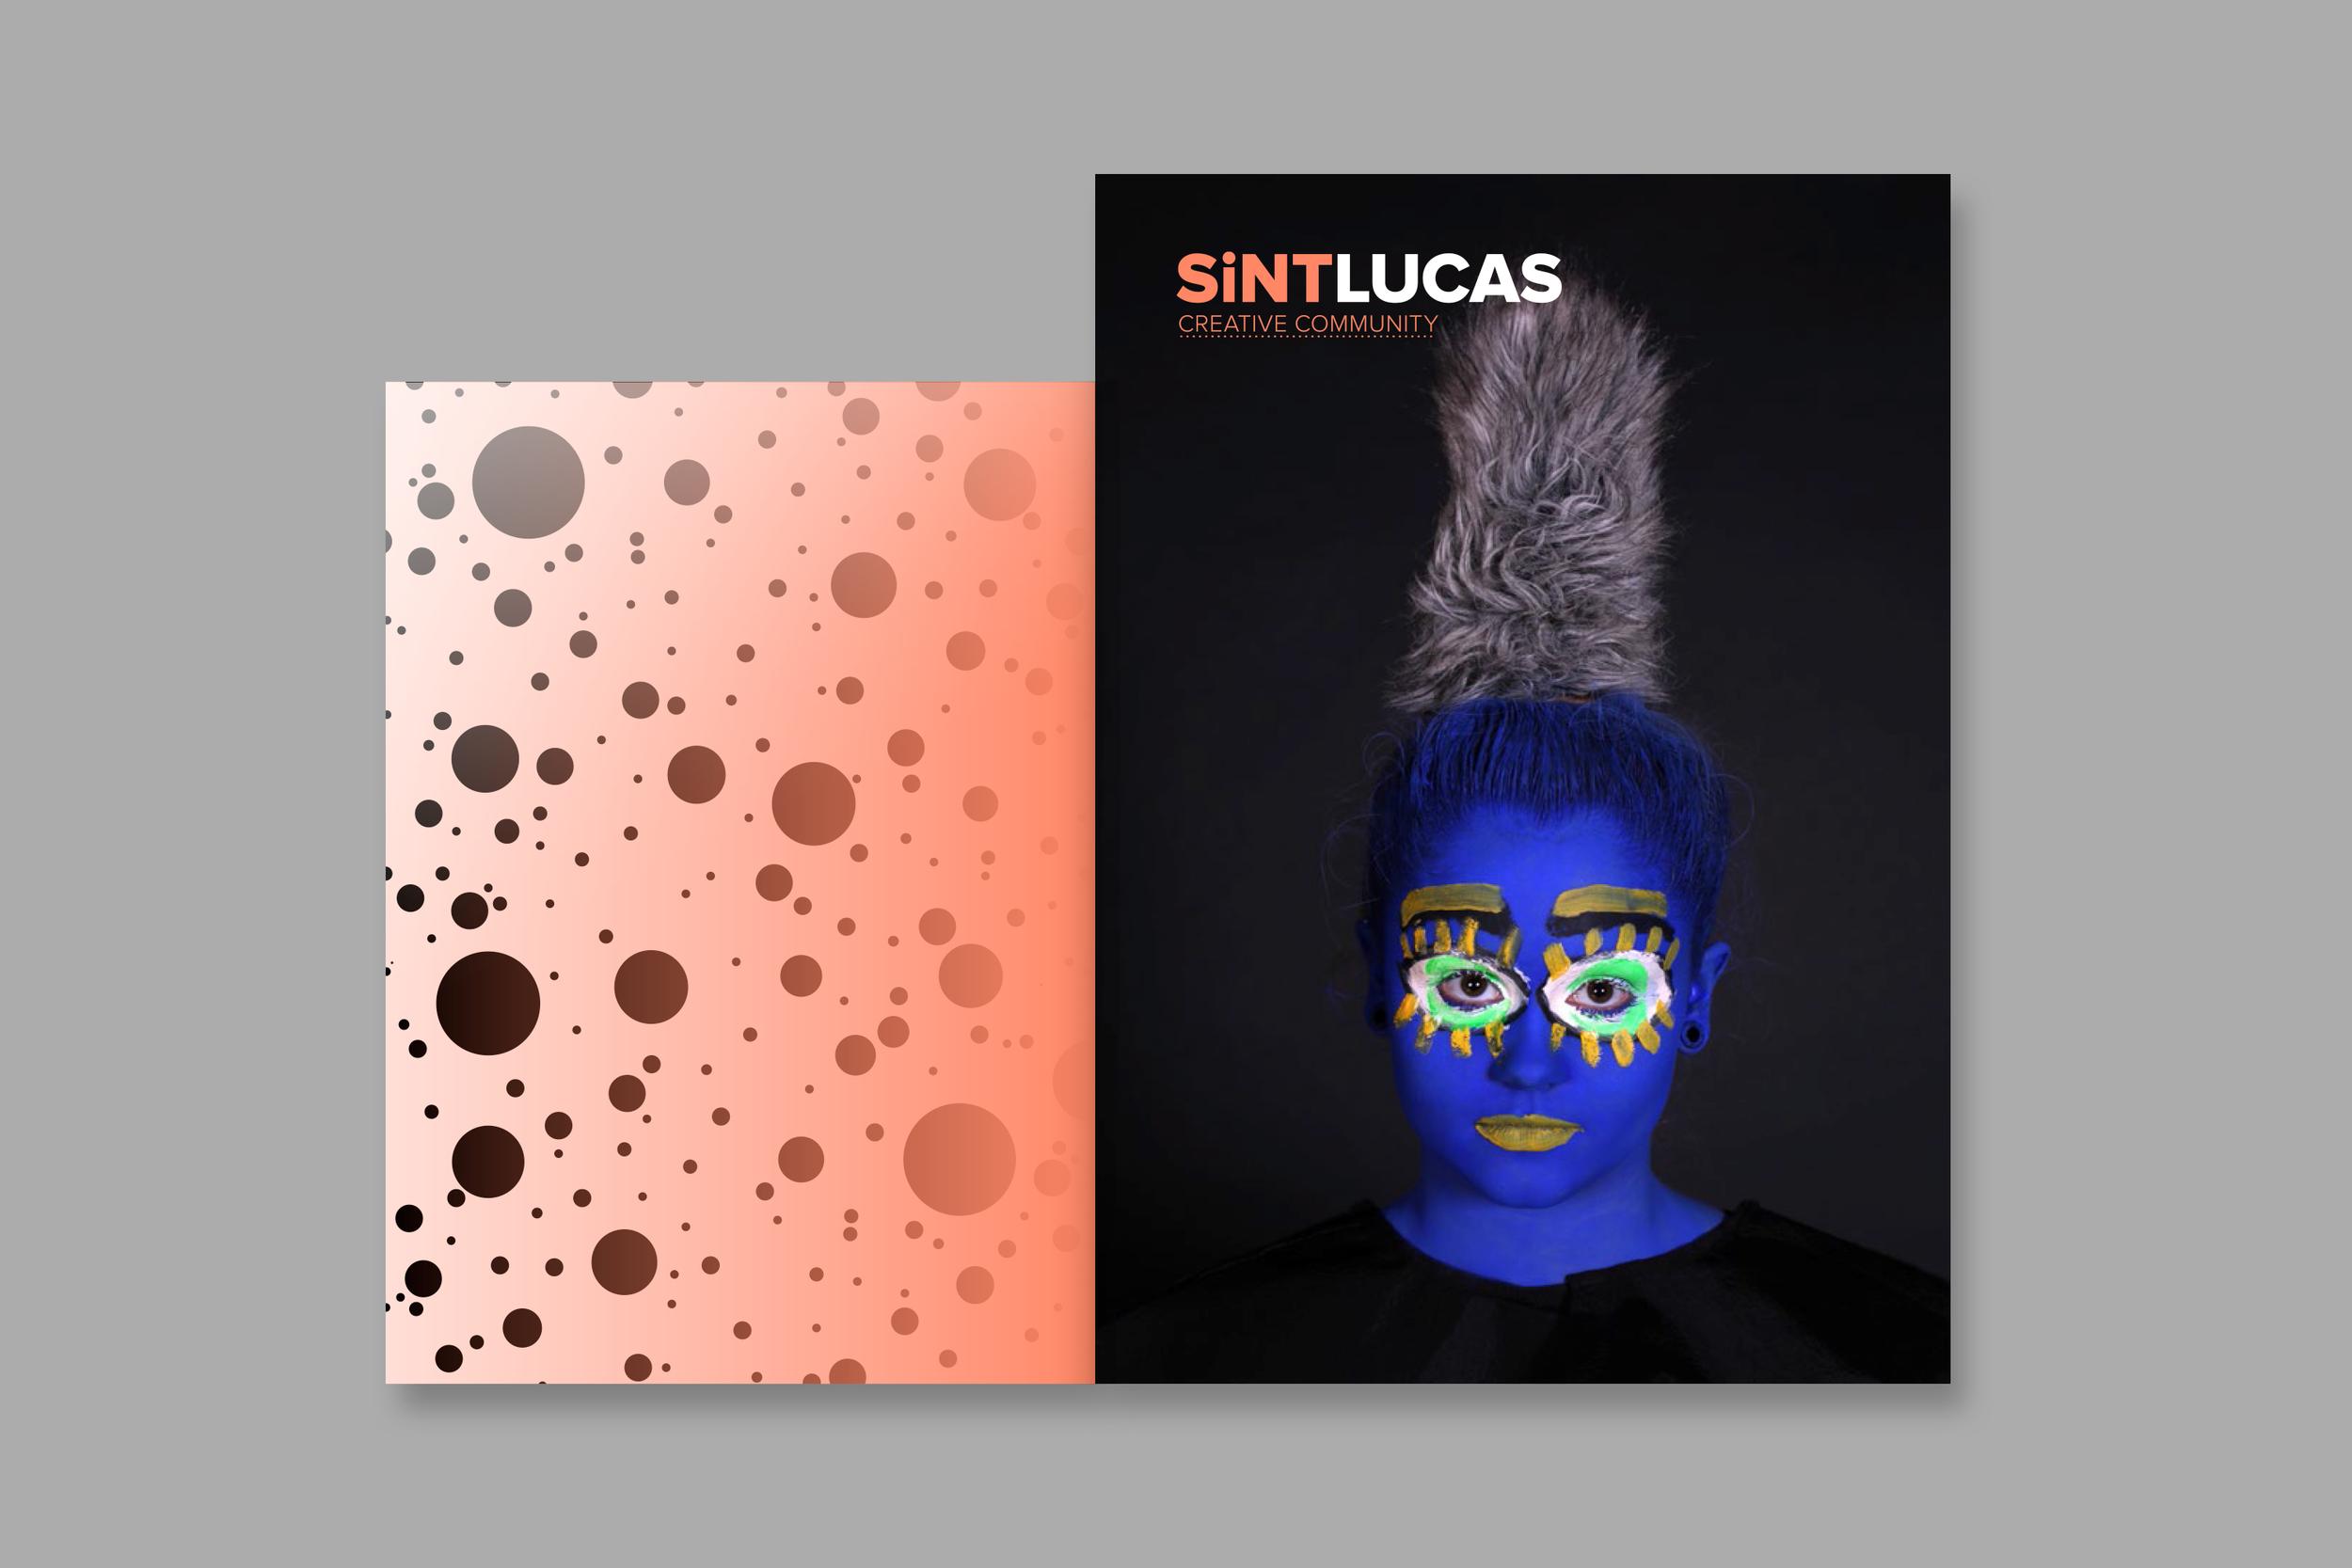 sintlucas-4.png